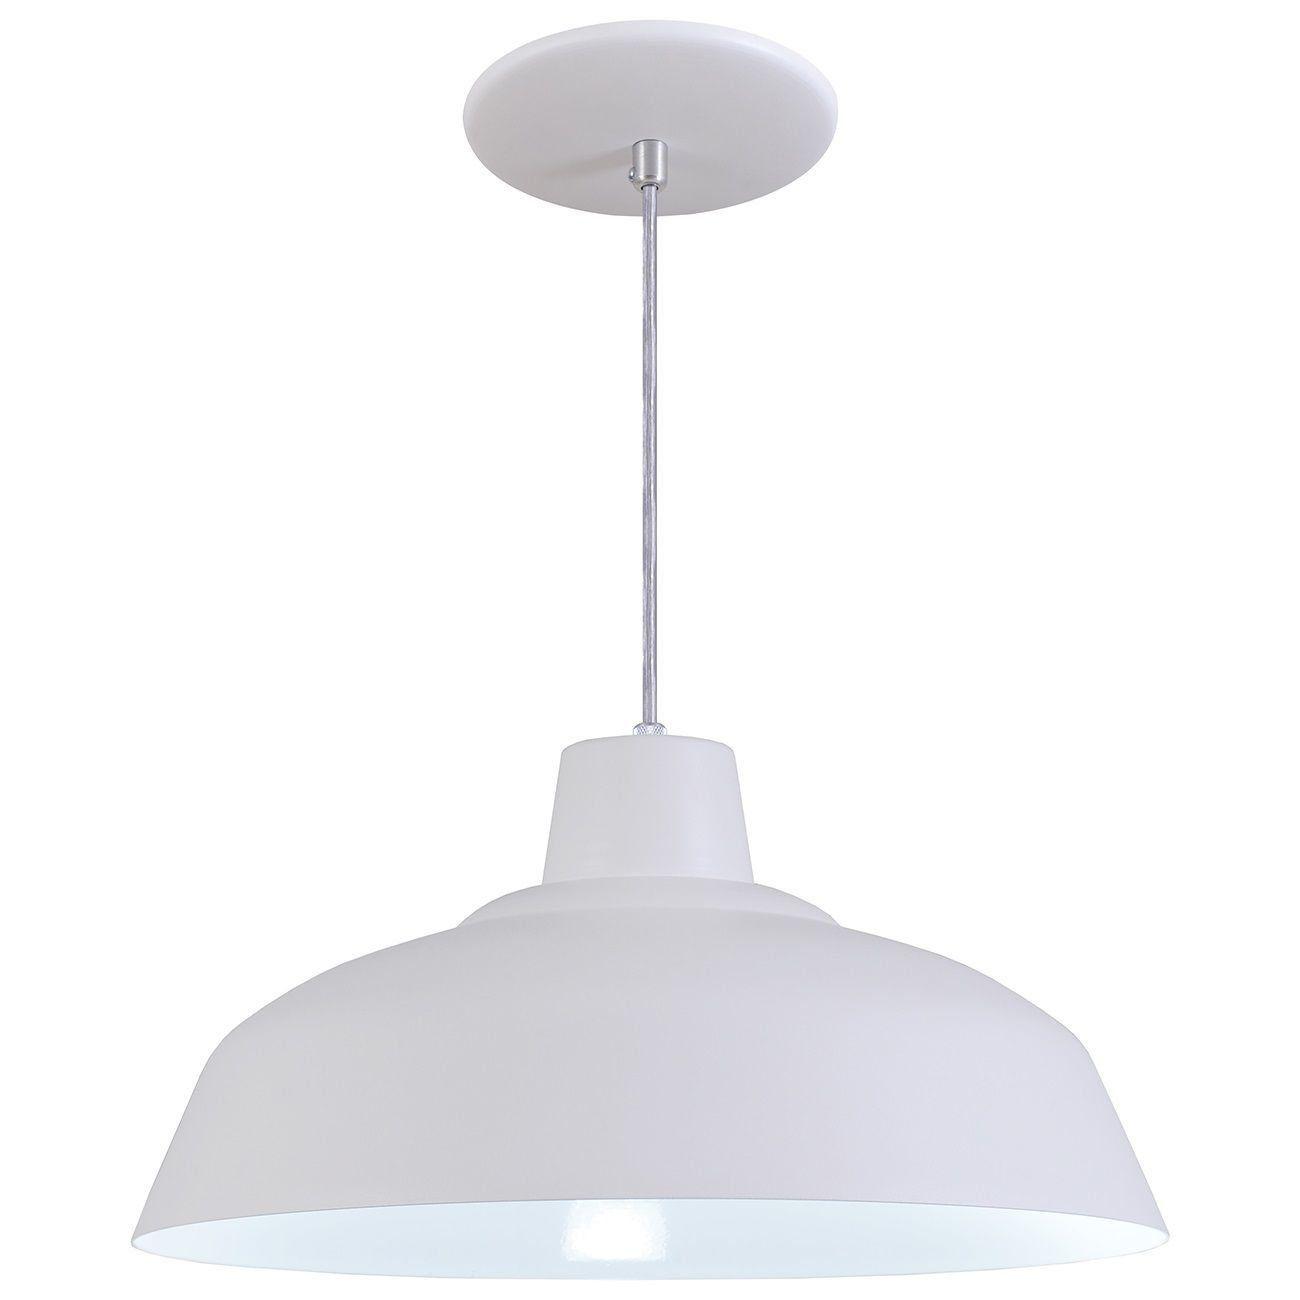 Pendente Retrô 34cm Luminária Lustre Alumínio Branco Textura - Rei Da Iluminação